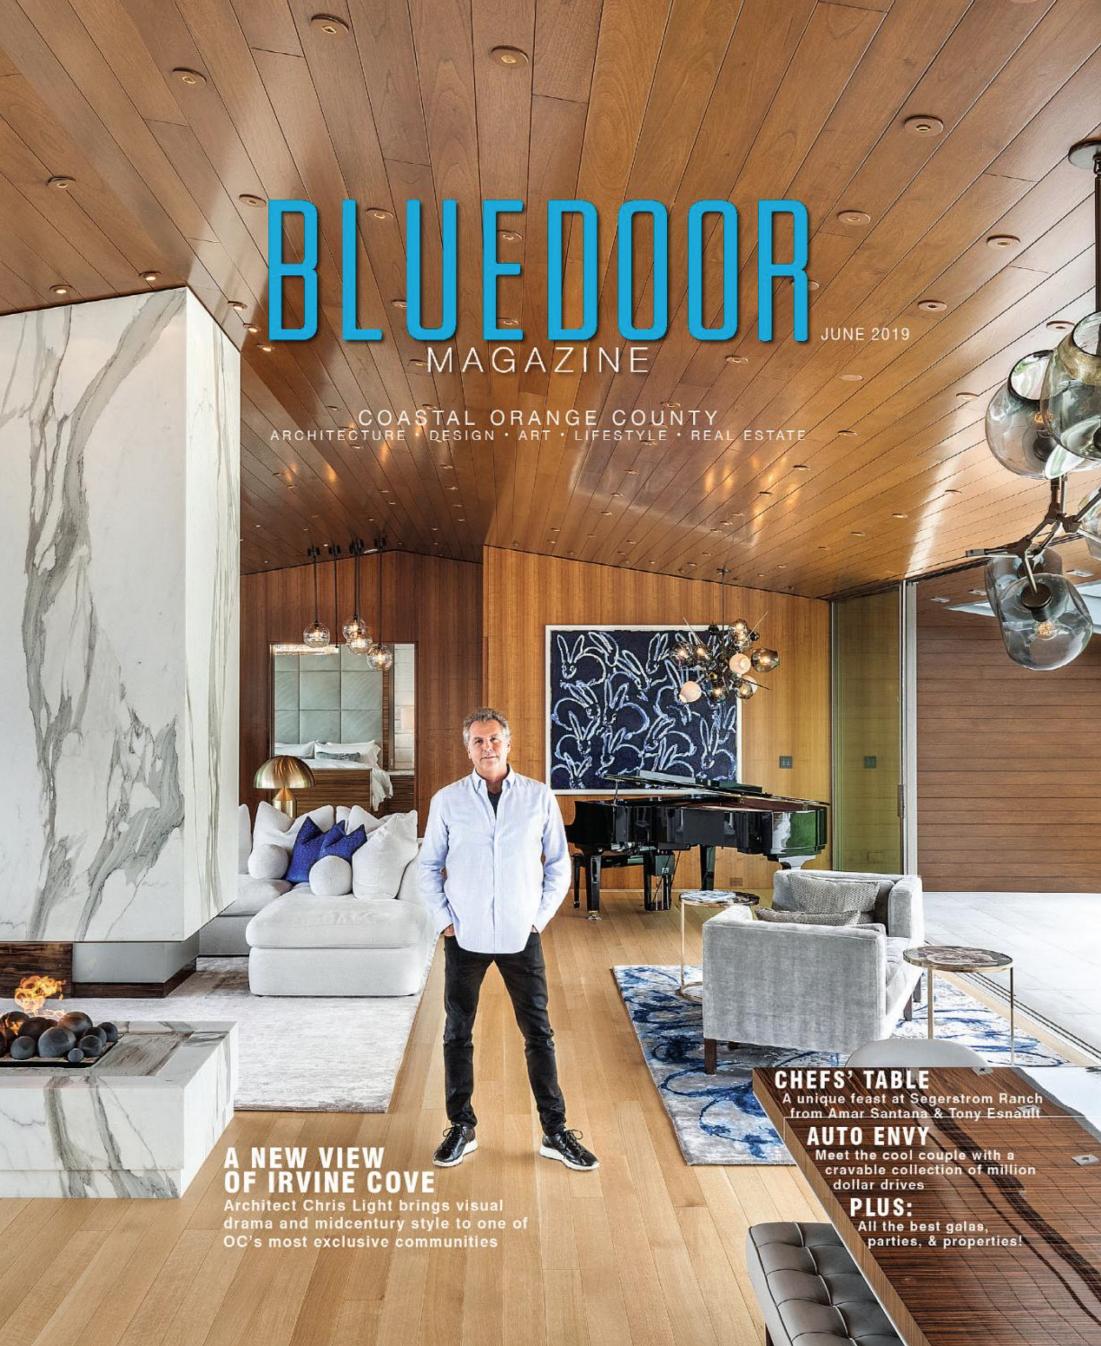 Blue Door Magazine - June 2019